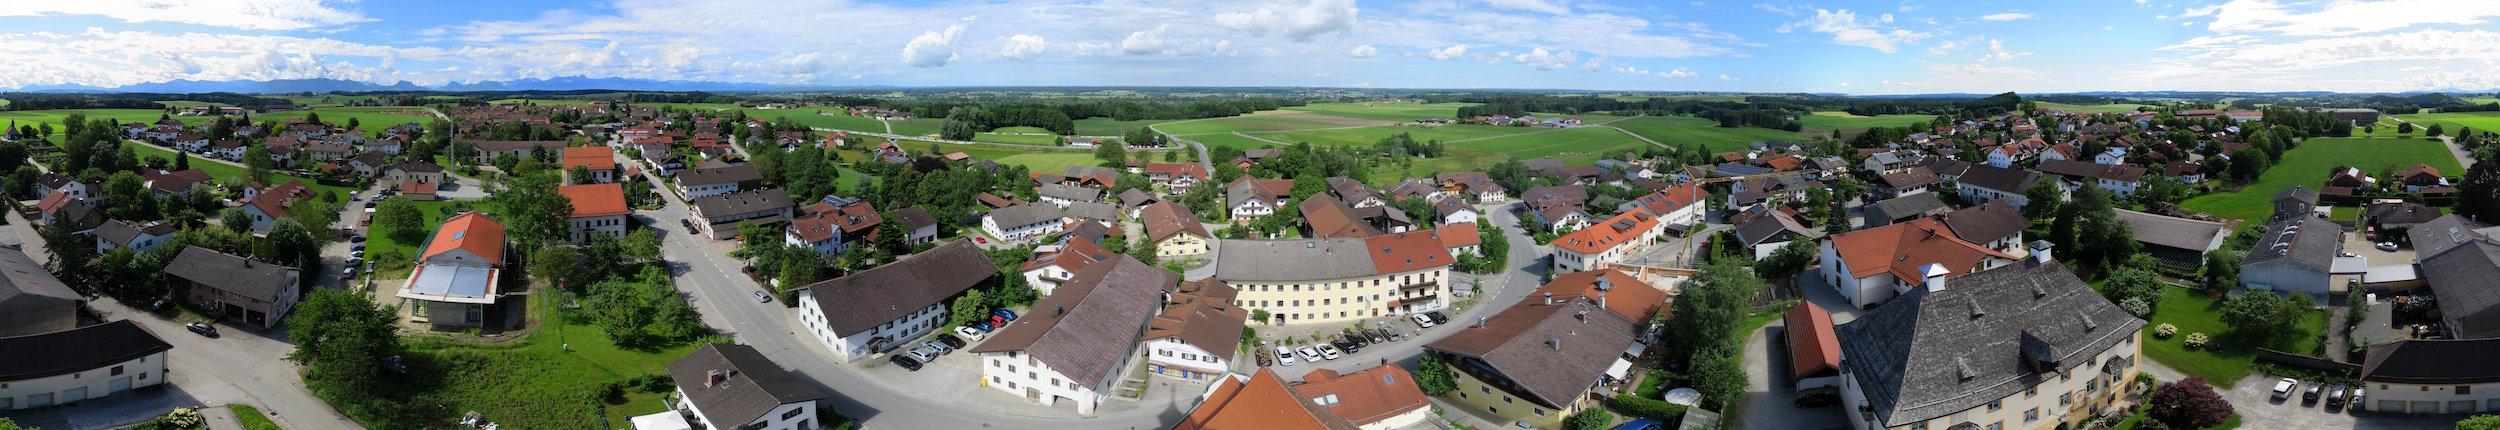 Blick vom Turm von St. Emmeram, Vogtareuth, am 18.6.2016